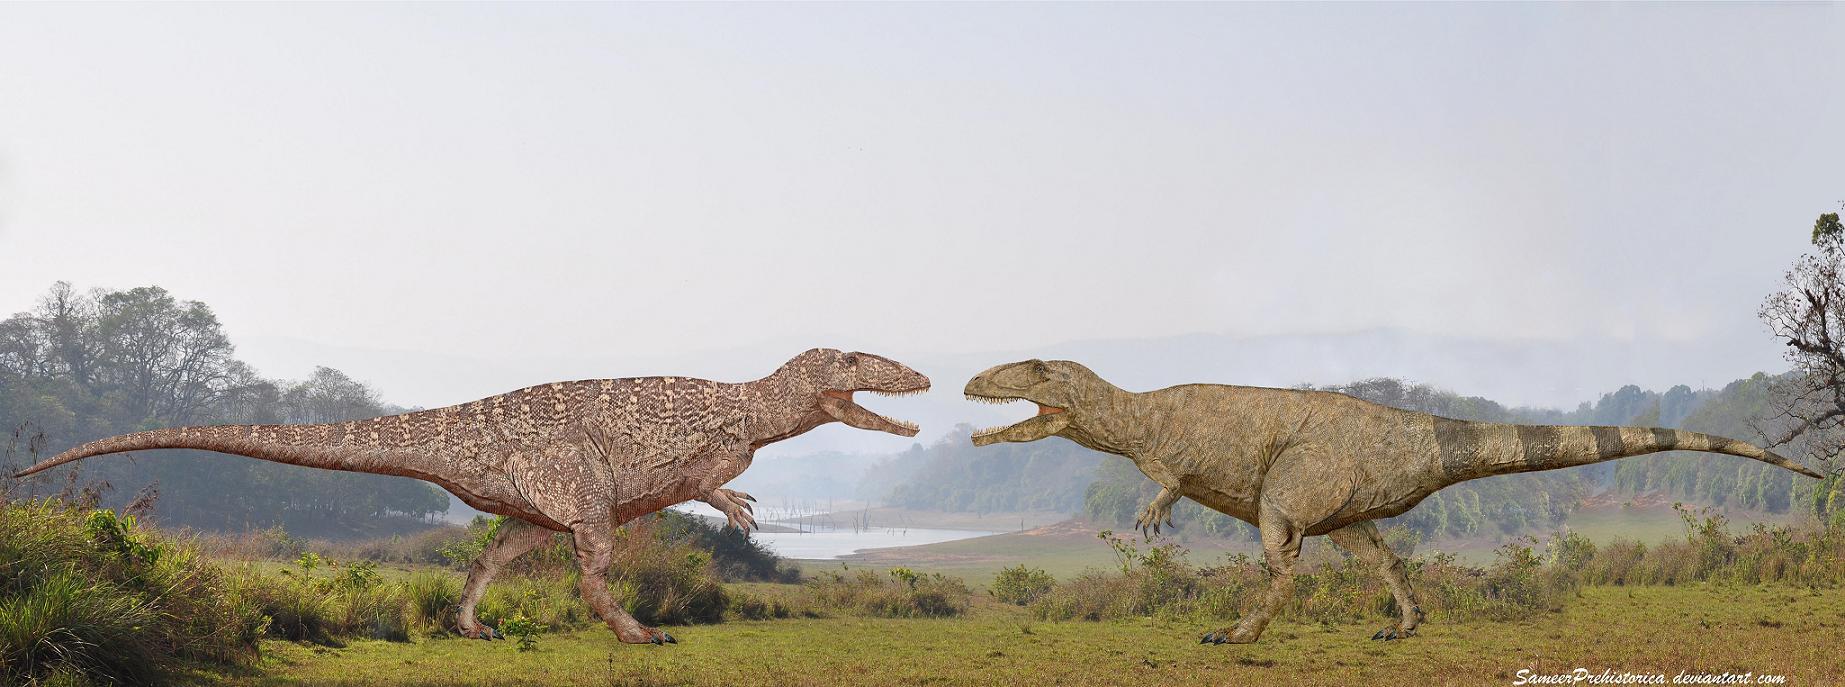 Carcharodontosaurus vs Giganotosaurus by ...